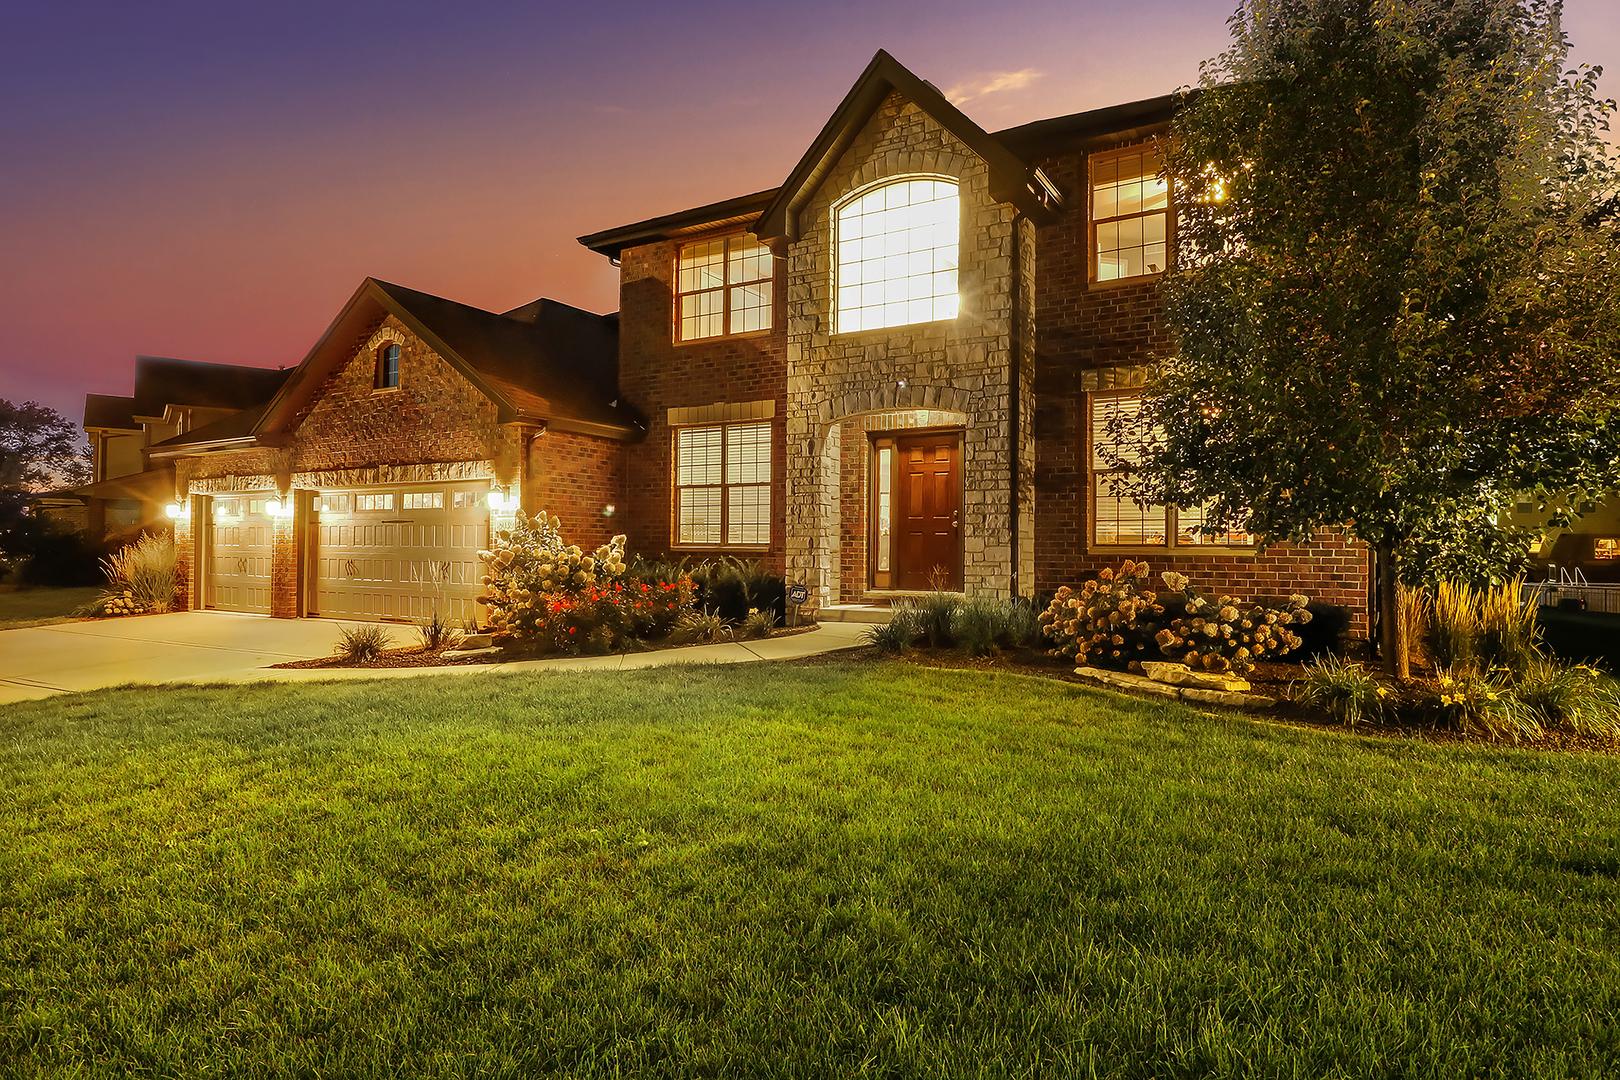 16409 West Deerwood Drive, Lockport, Illinois